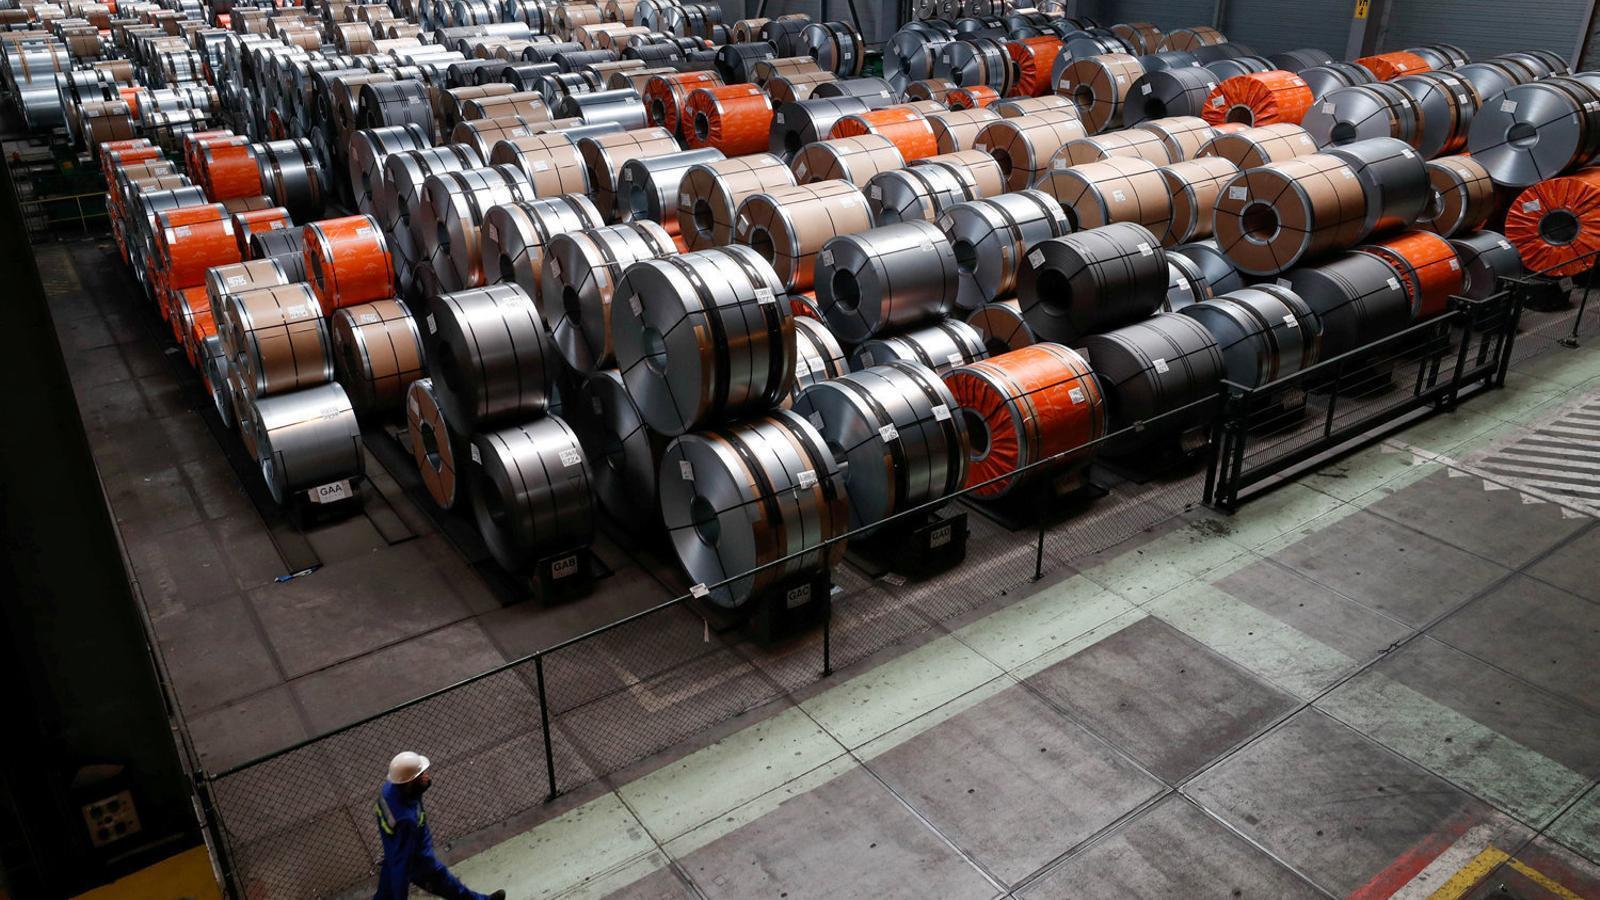 Bobines d'acer, un dels productes als quals Trump ha posat aranzels, en una fàbrica de Bèlgica.